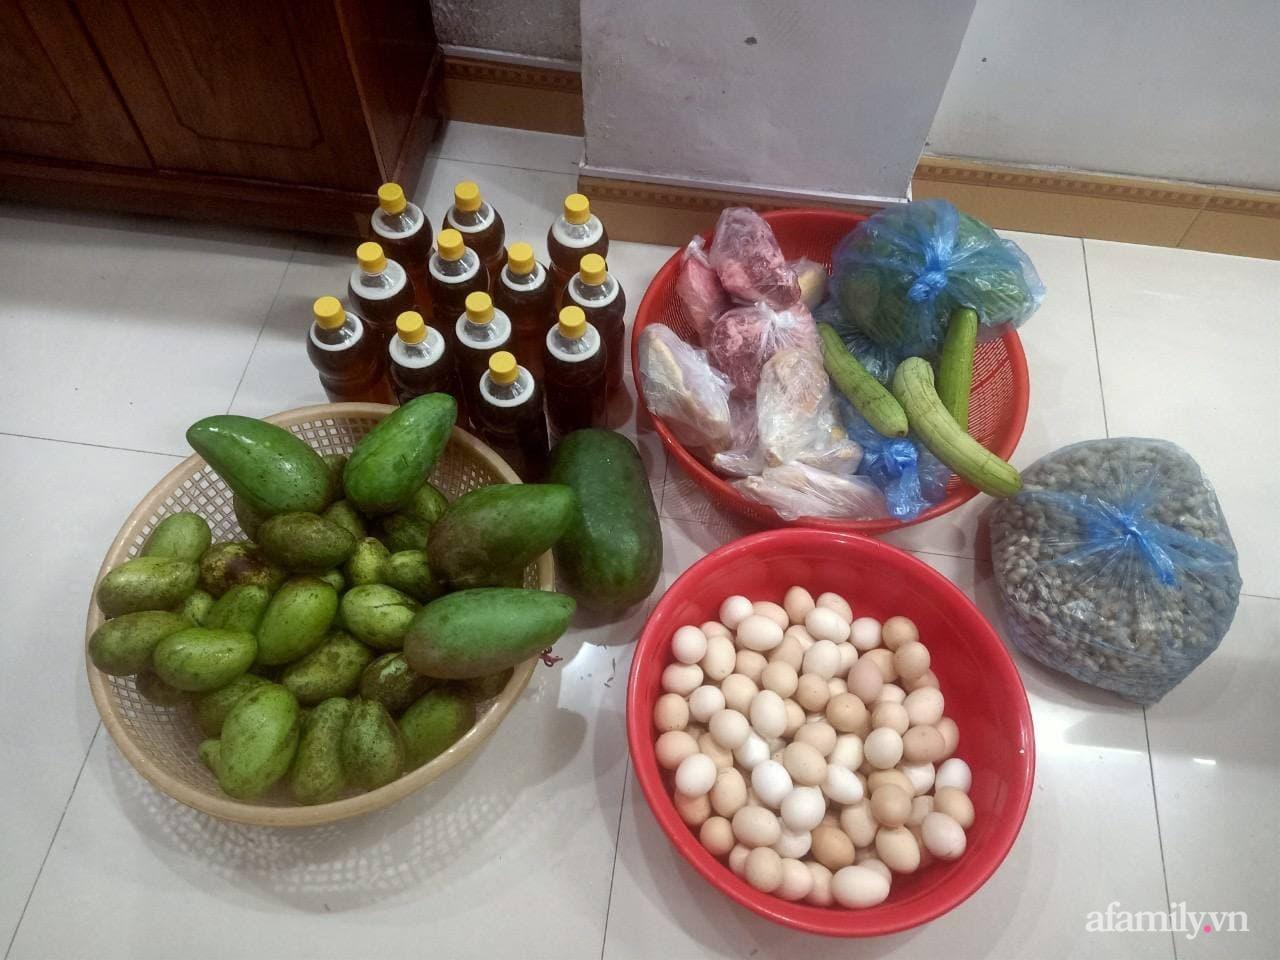 Bí quyết đi chợ 1 tuần/lần chỉ hết 700k của mẹ đảm Hà Nội cho nhà 3 người lớn, tính ra cực rẻ bà nội trợ nào cũng nên học - Ảnh 2.